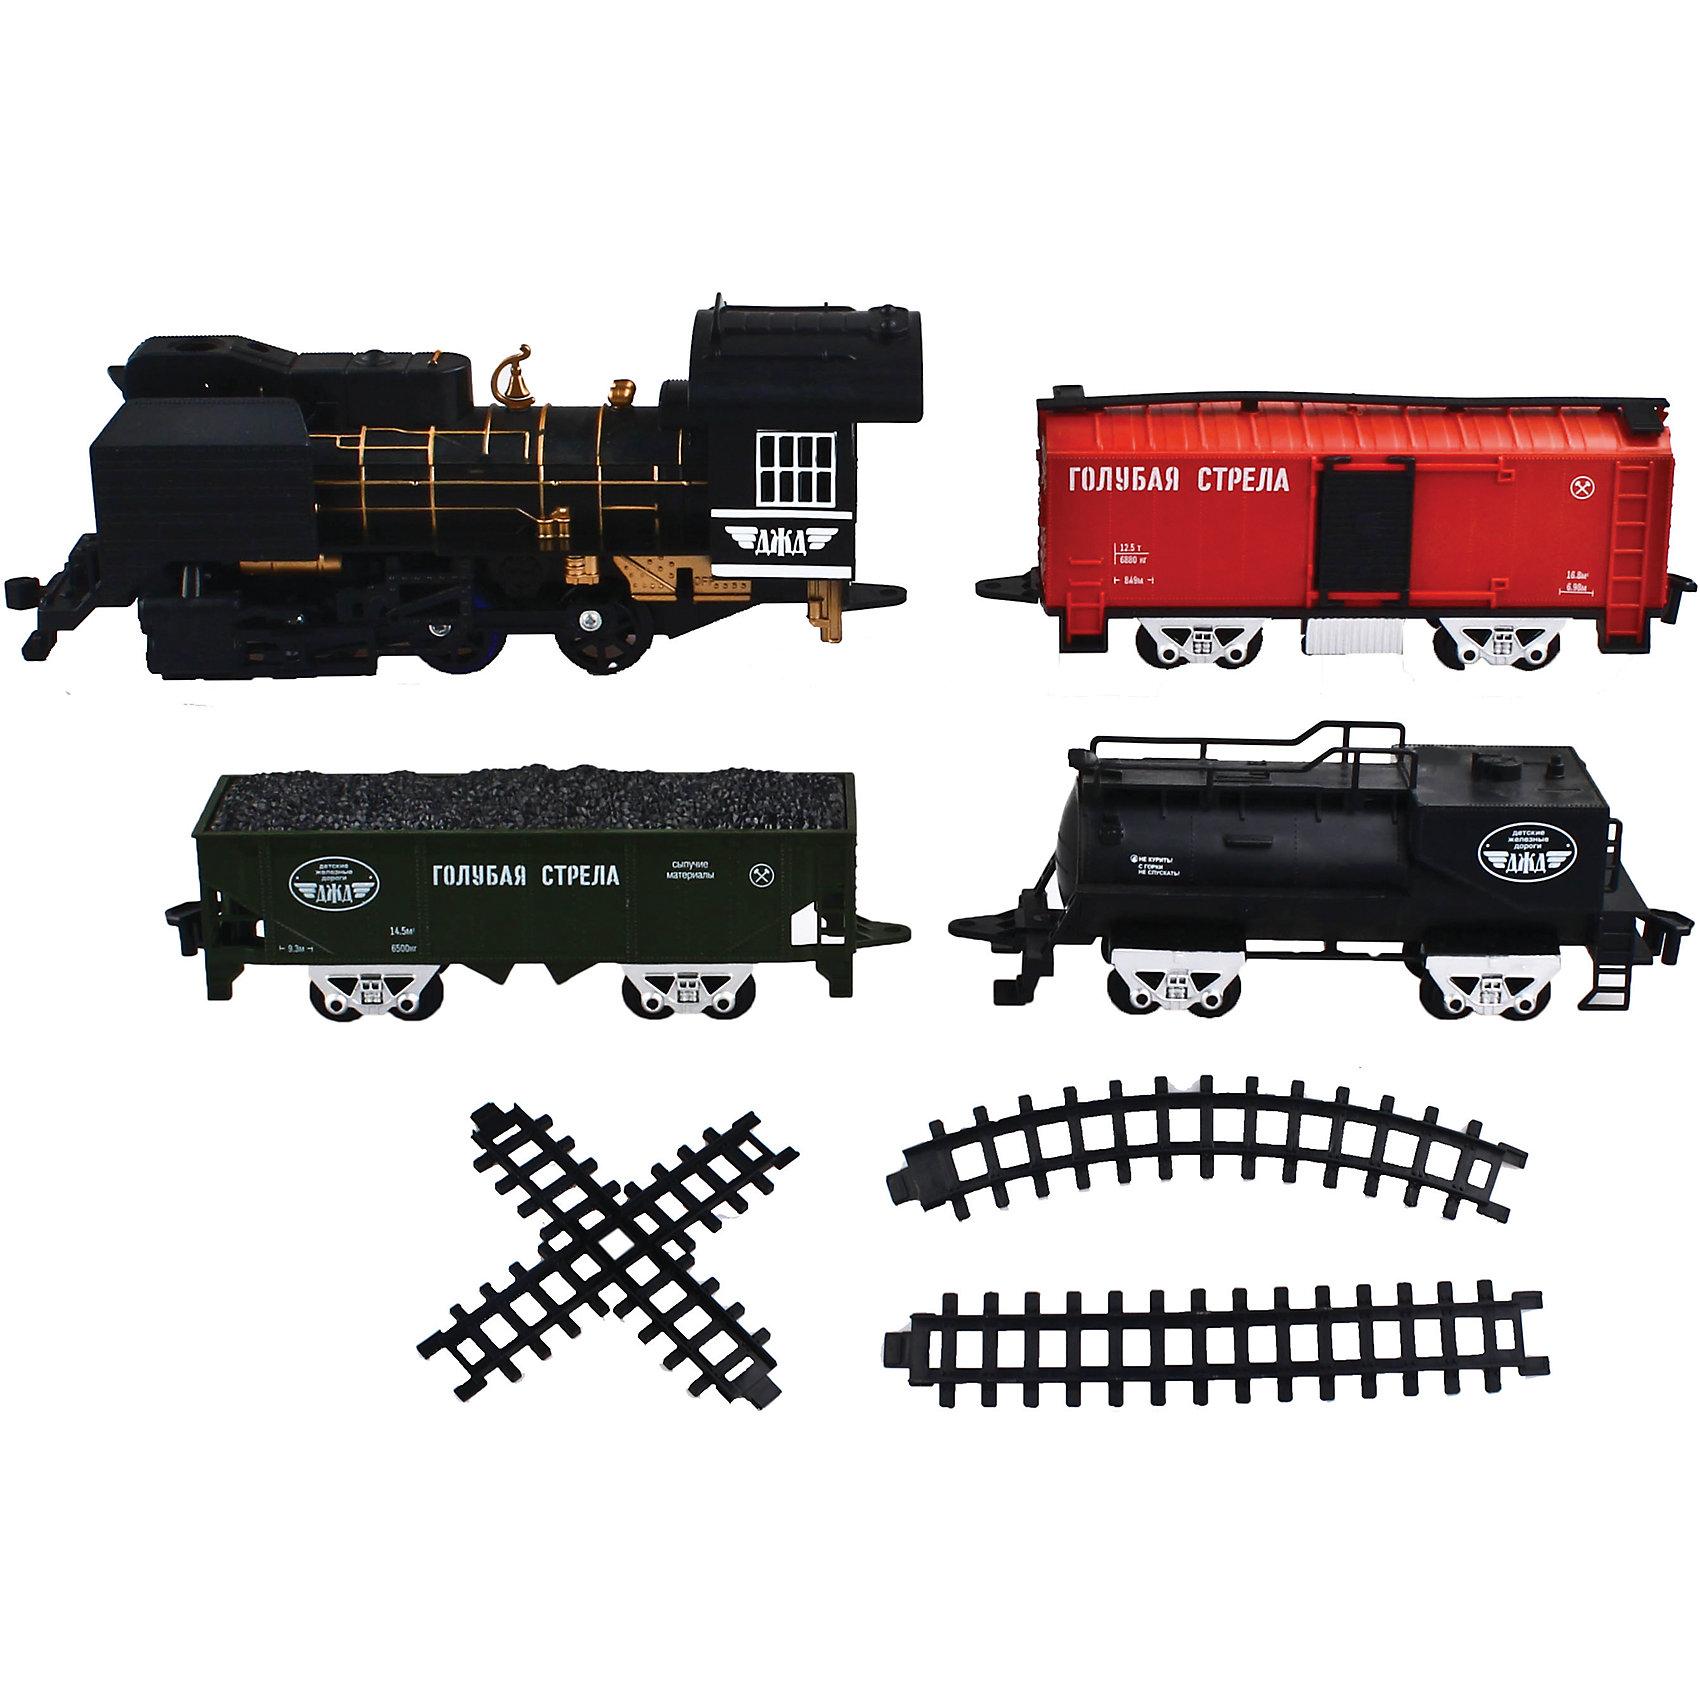 Железная дорога с тремя вагончиками 212 см, Голубая стрелаИгрушечная железная дорога<br>Железная дорога с тремя вагончиками 212 см, Голубая стрела.<br><br>Характеристики:<br><br>• Комплектация: локомотив, тендер с углем, цистерна, пассажирский вагон, 12 изогнутых сегментов пути,4 прямых элемента пути, стрелка (крестообразная)<br>• Ширина колеи: 3,3 см.<br>• Общая протяженность: 212 см.<br>• Батарейки: 4 типа АА (не входят в комплект)<br>• Материал: пластик, металл<br>• Упаковка: картонная коробка блистерного типа<br>• Размер упаковки: 77х7х35 см.<br><br>Вы только посмотрите, какой прекрасный набор железной дороги! Выполненный в стиле ретро паровоз выглядит очень эффектно. Комплект, состоящий из восхитительного локомотива, тендера с углем, пассажирского вагона и цистерны, элементов дороги, хорош не только внешним видом, но и функциональным содержанием. <br><br>Звуковые и световые эффекты, дым из трубы, все это создает впечатление реалистичности картины. Погрузиться в игру с этой железной дорогой можно на долгие часы. Общая длина дороги – 212 см (колея 33 мм)! В данном наборе возможны три разных варианта сборки дороги (кругом – из 8 деталей, овалом – из 10-12, восьмеркой – 17 деталей). Игрушка развивает воображение, фантазию, пространственное мышление, творческие способности.<br><br>Железную дорогу с тремя вагончиками 212 см, Голубая стрела можно купить в нашем интернет-магазине.<br><br>Ширина мм: 770<br>Глубина мм: 350<br>Высота мм: 75<br>Вес г: 1717<br>Возраст от месяцев: 36<br>Возраст до месяцев: 2147483647<br>Пол: Мужской<br>Возраст: Детский<br>SKU: 5400266